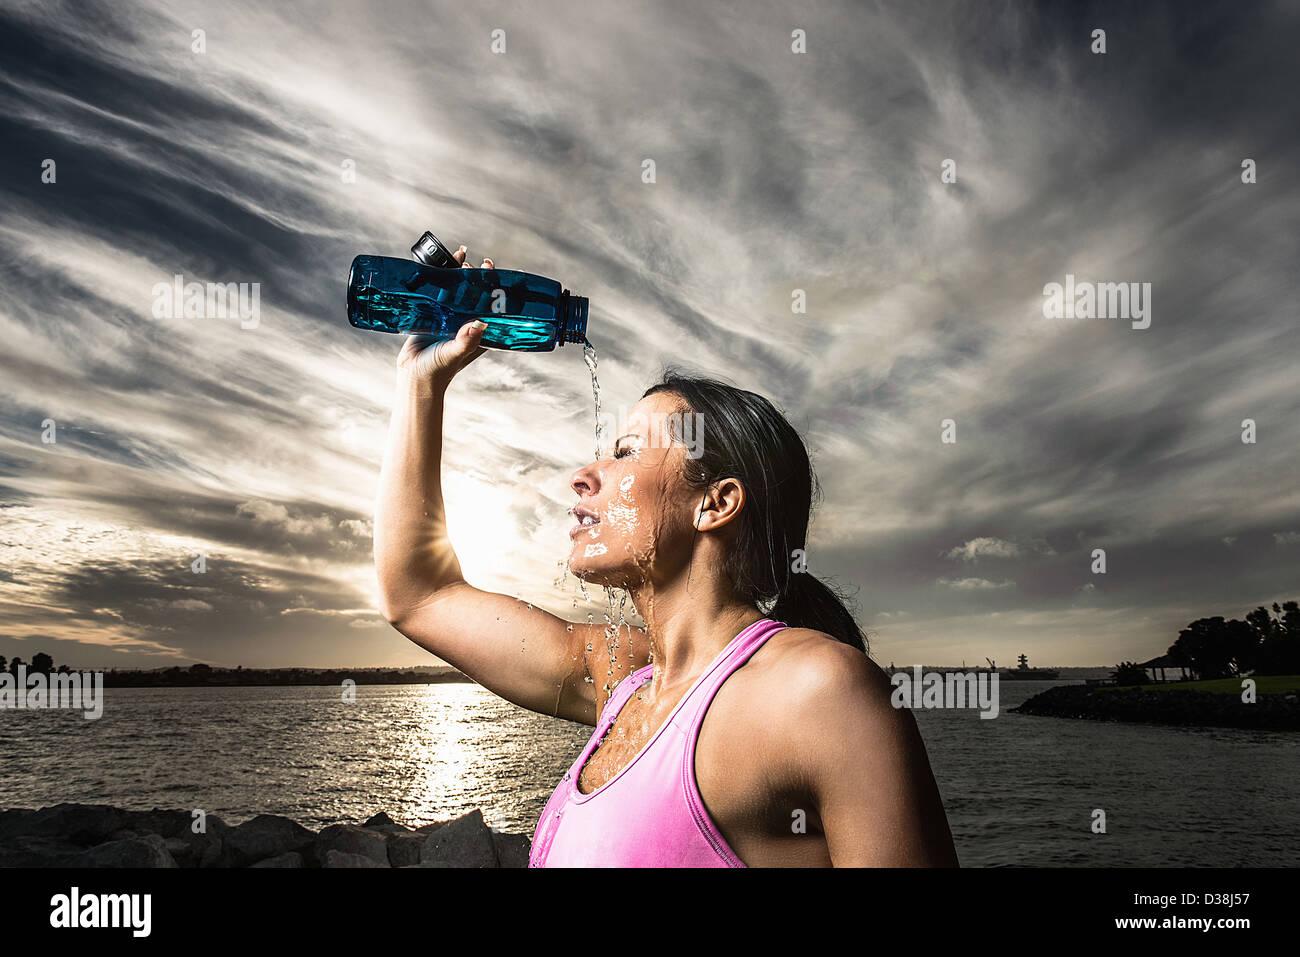 Läufer gießt Wasser auf sich selbst Stockbild